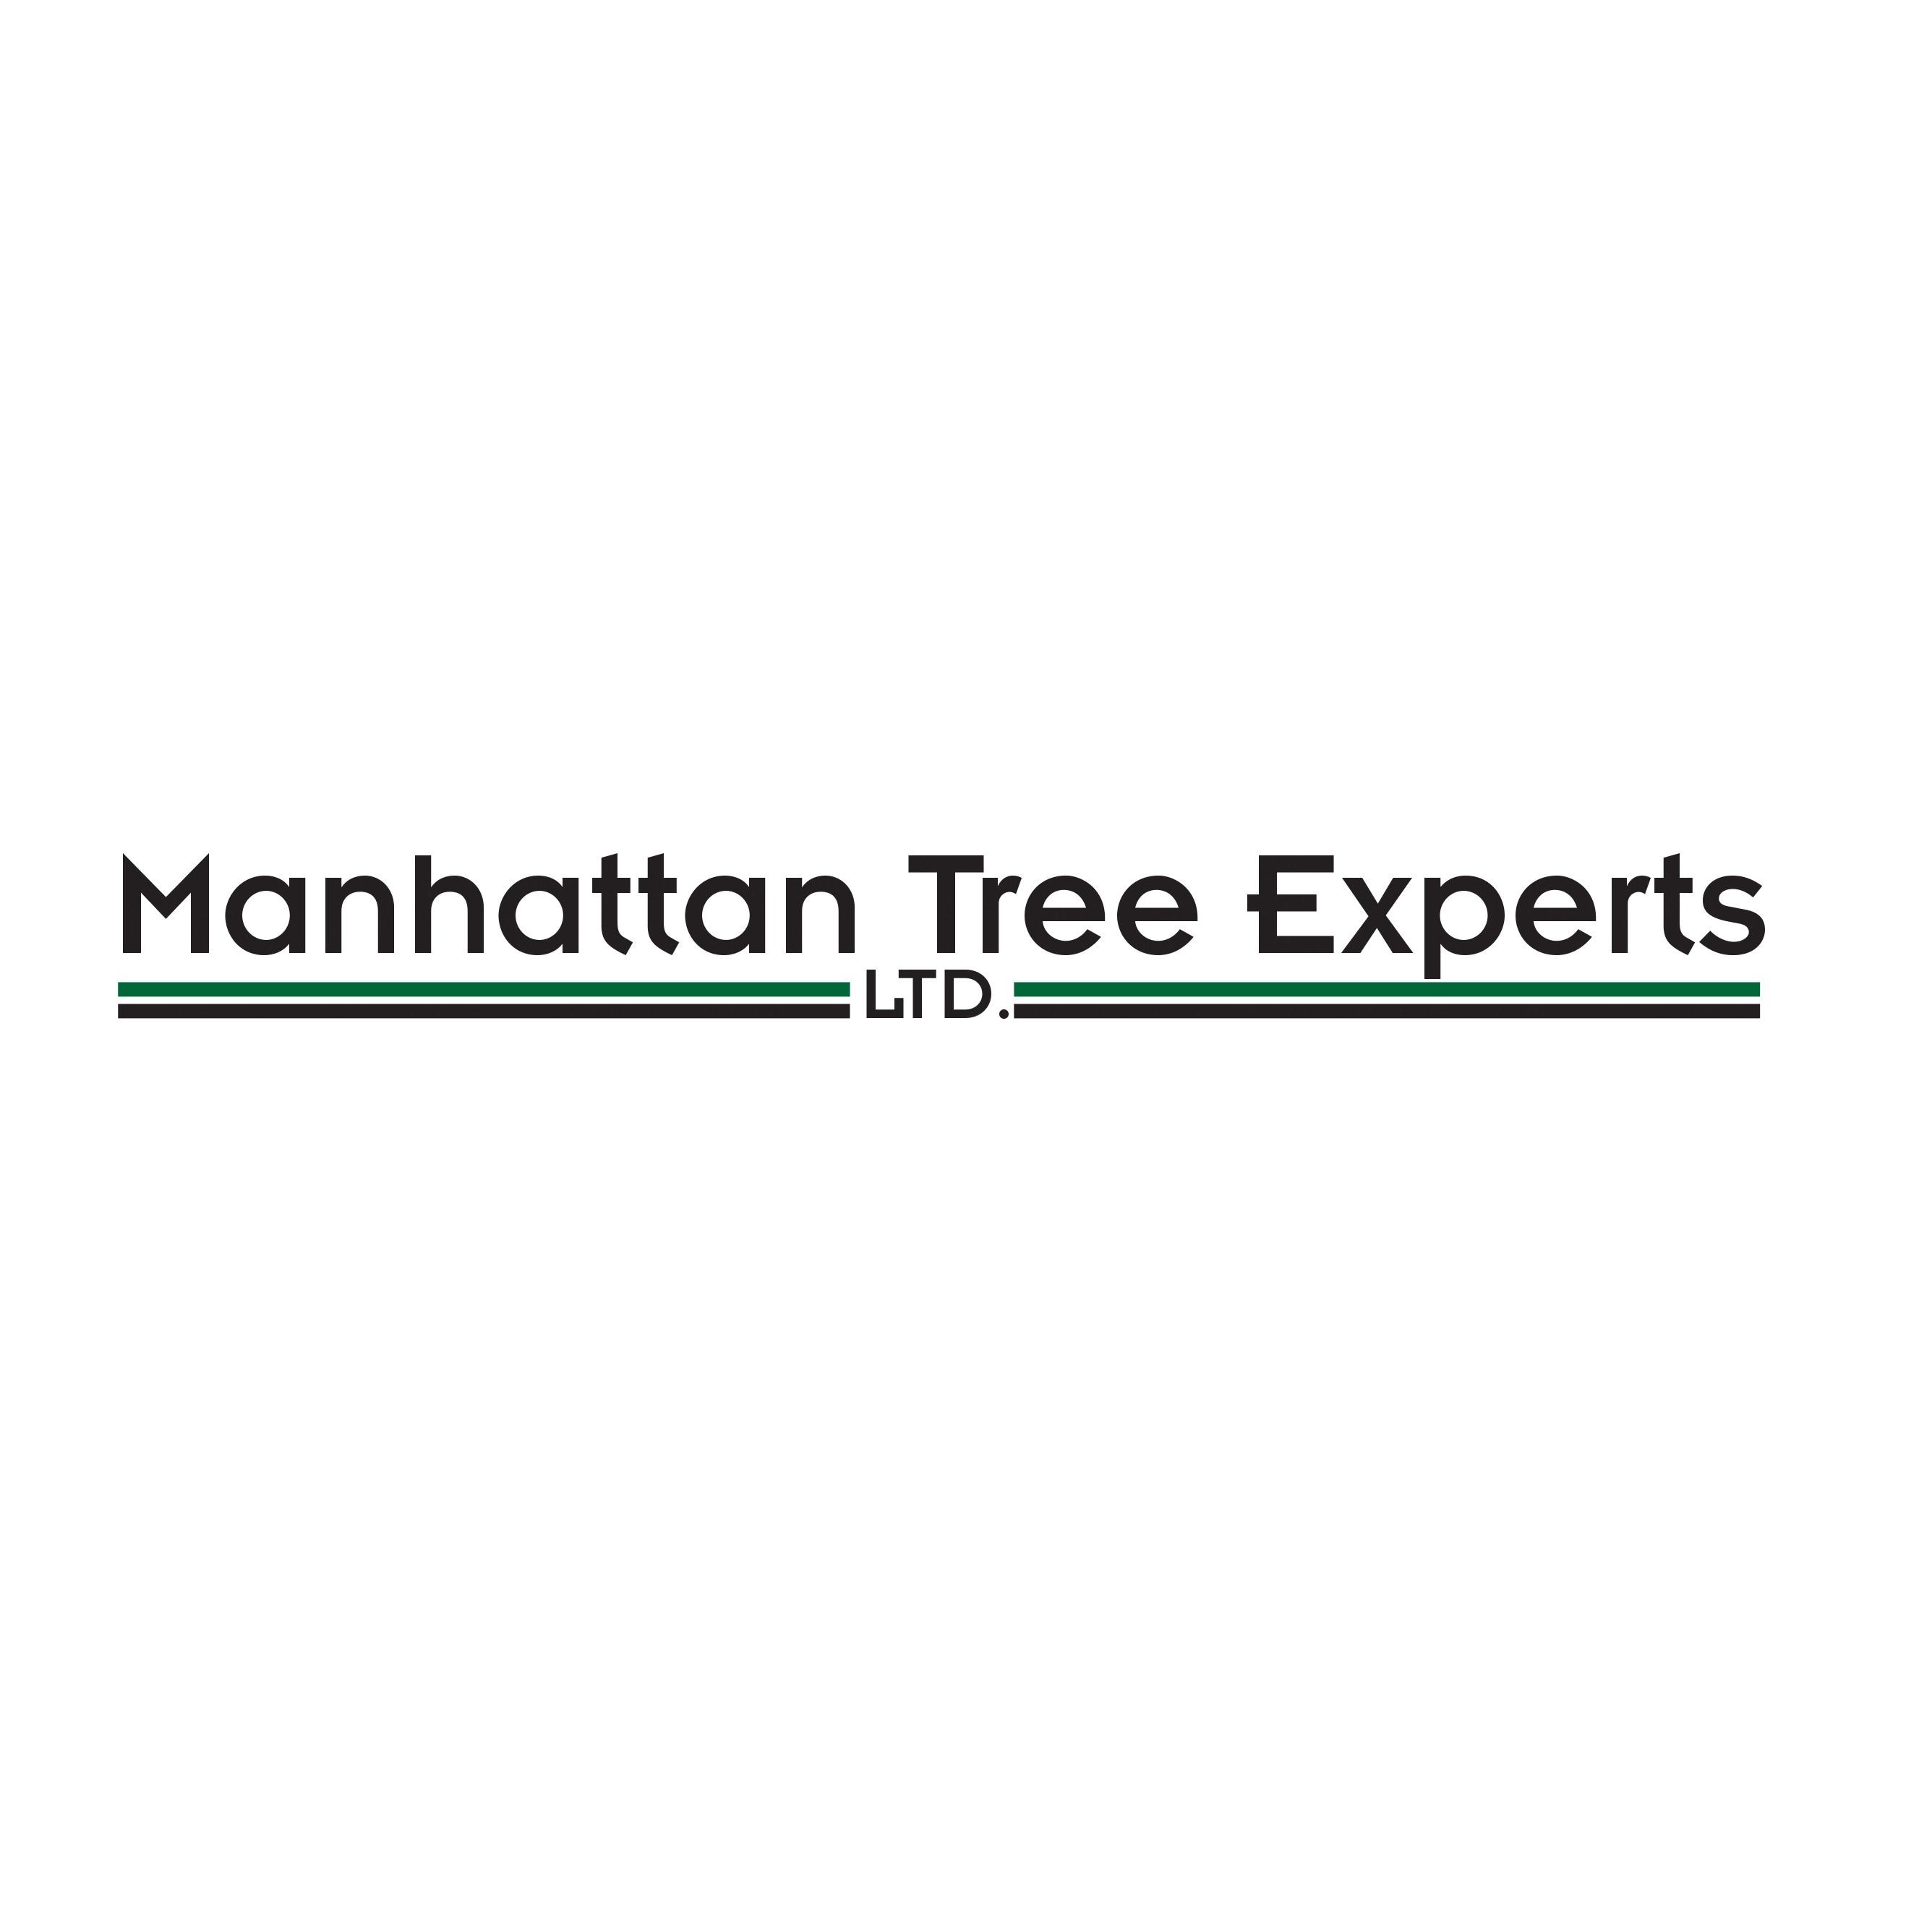 Manhattan Tree Experts LTD